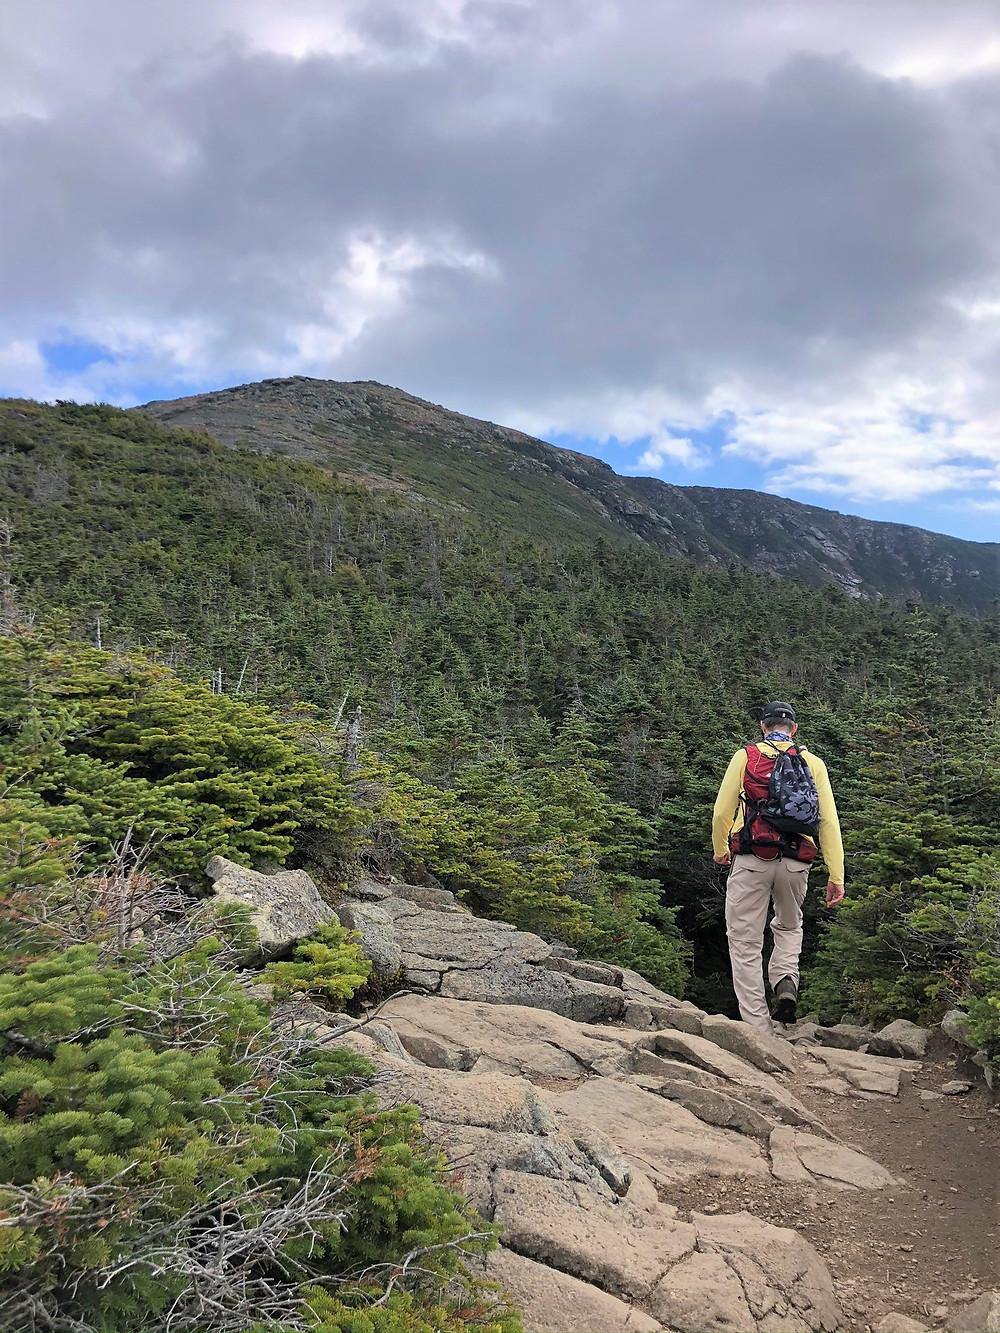 At treeline on Greenleaf Pat leading to Mt Lafayette summit